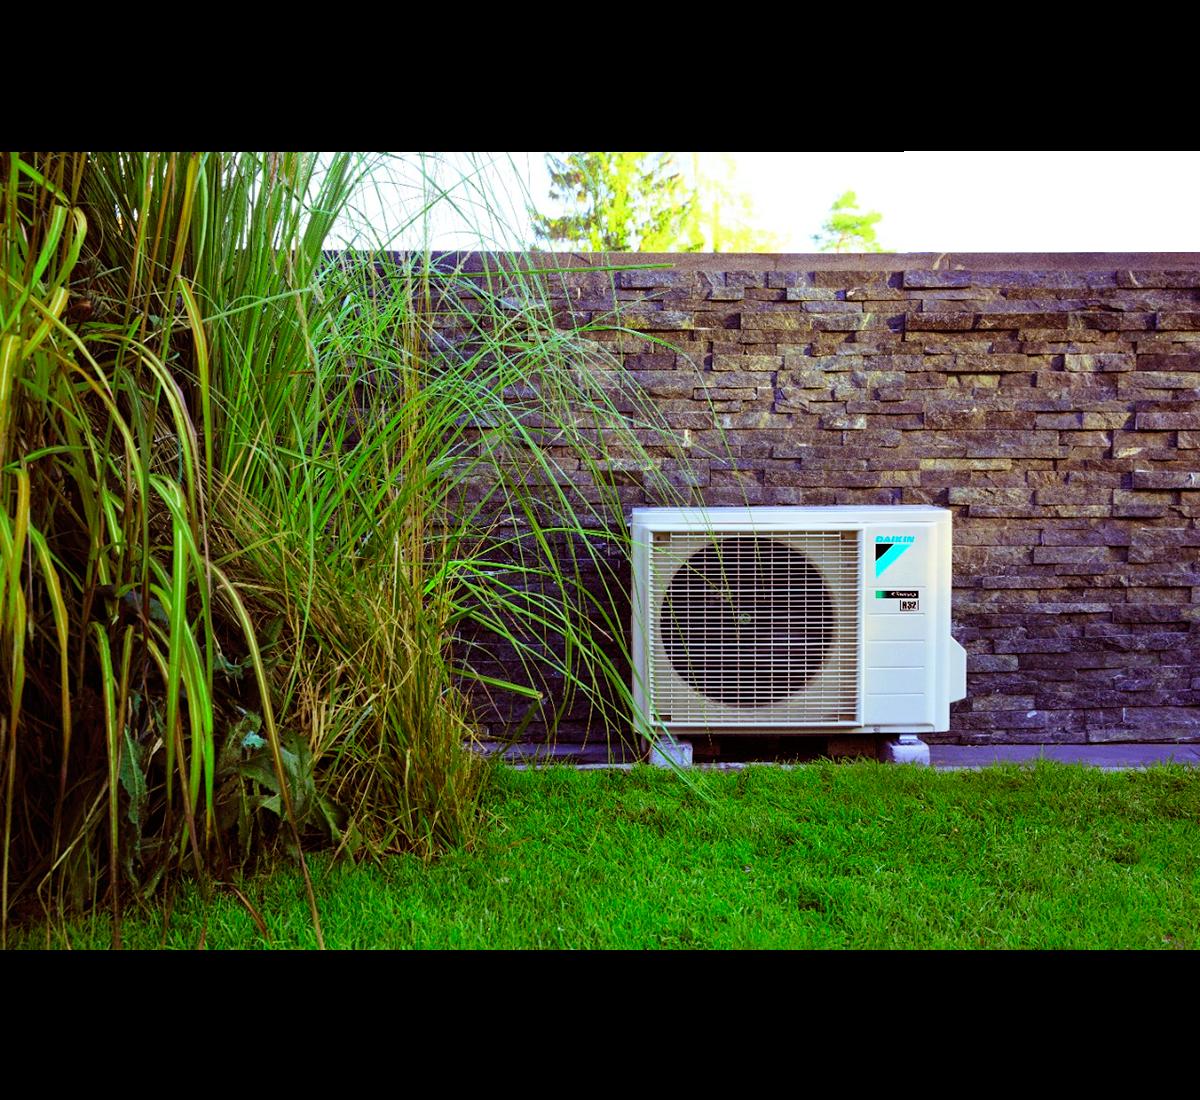 aire acondicionado unidad exterior daikin inverter bluevolution rxm25n9 modelo perfera txm25n instalacion incluida caseragua 04